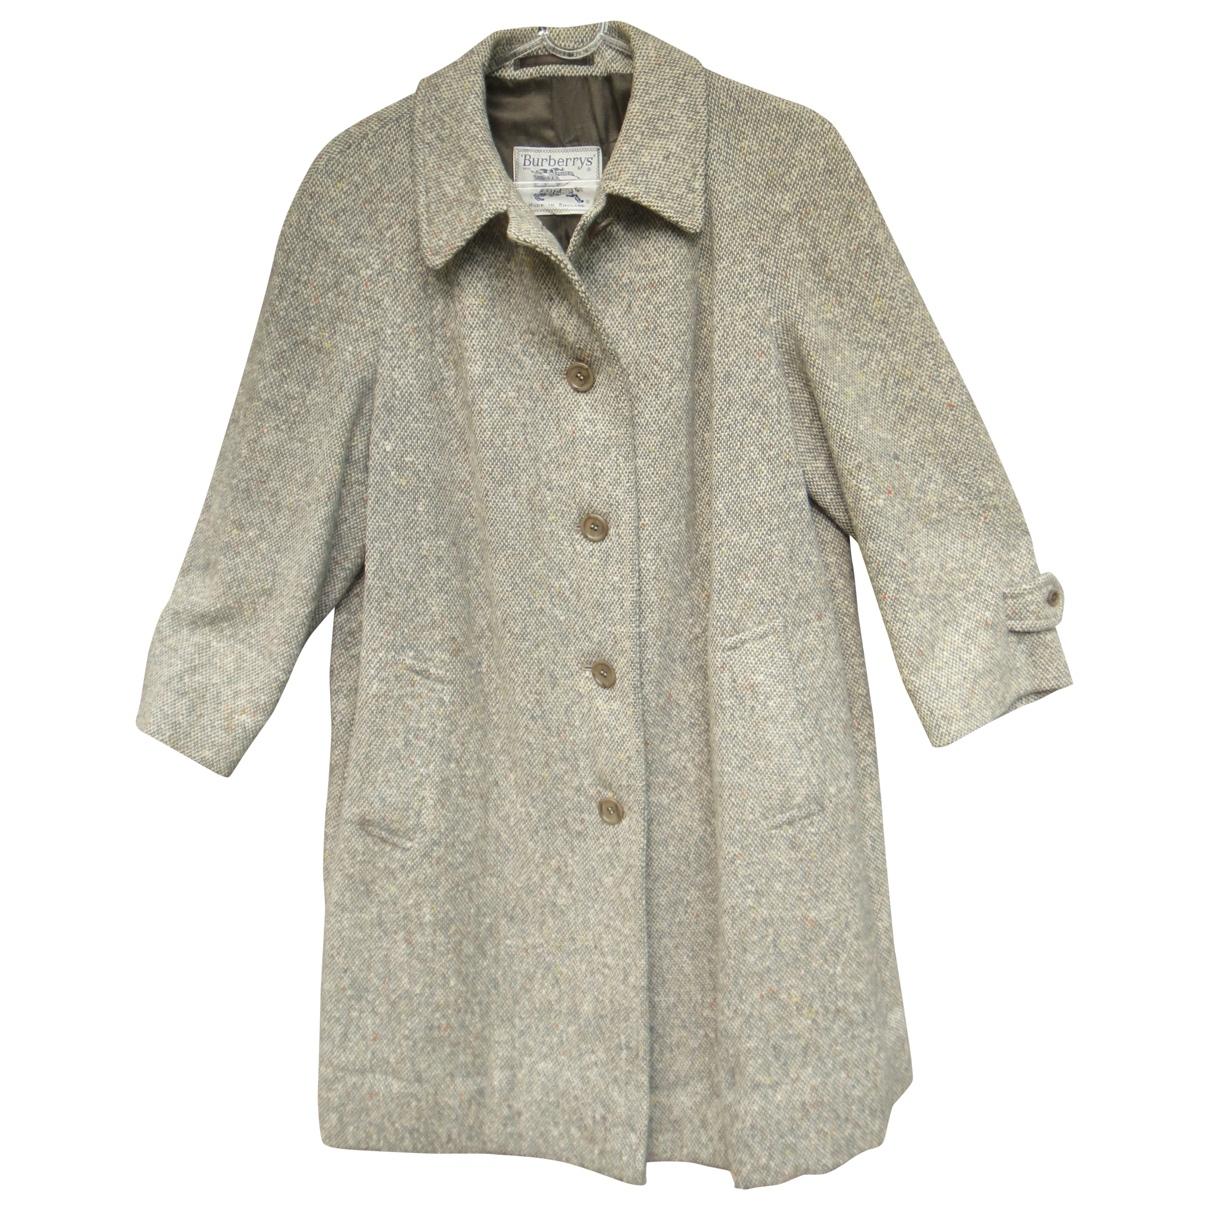 Abrigo Tweed Burberry